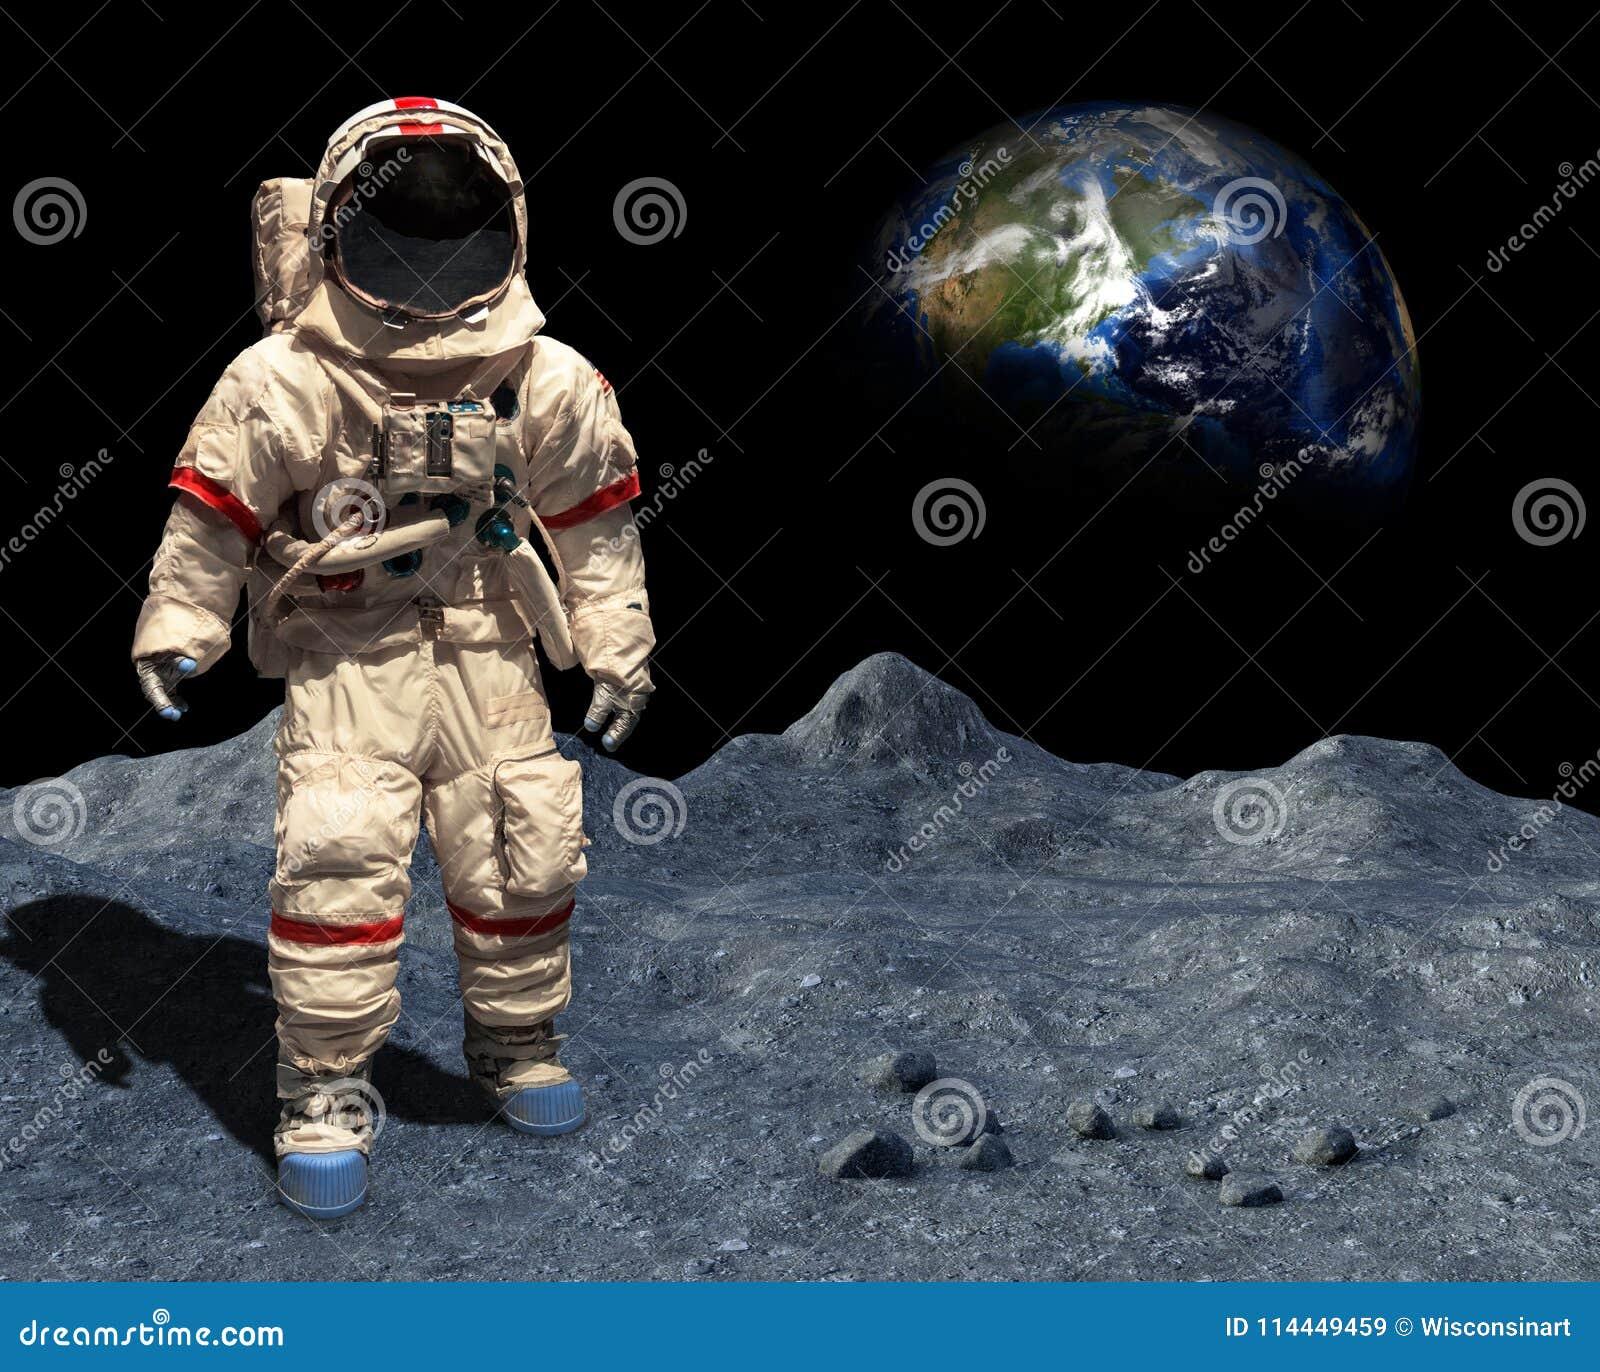 Посадка на луну, прогулка астронавта, космос, лунная поверхность